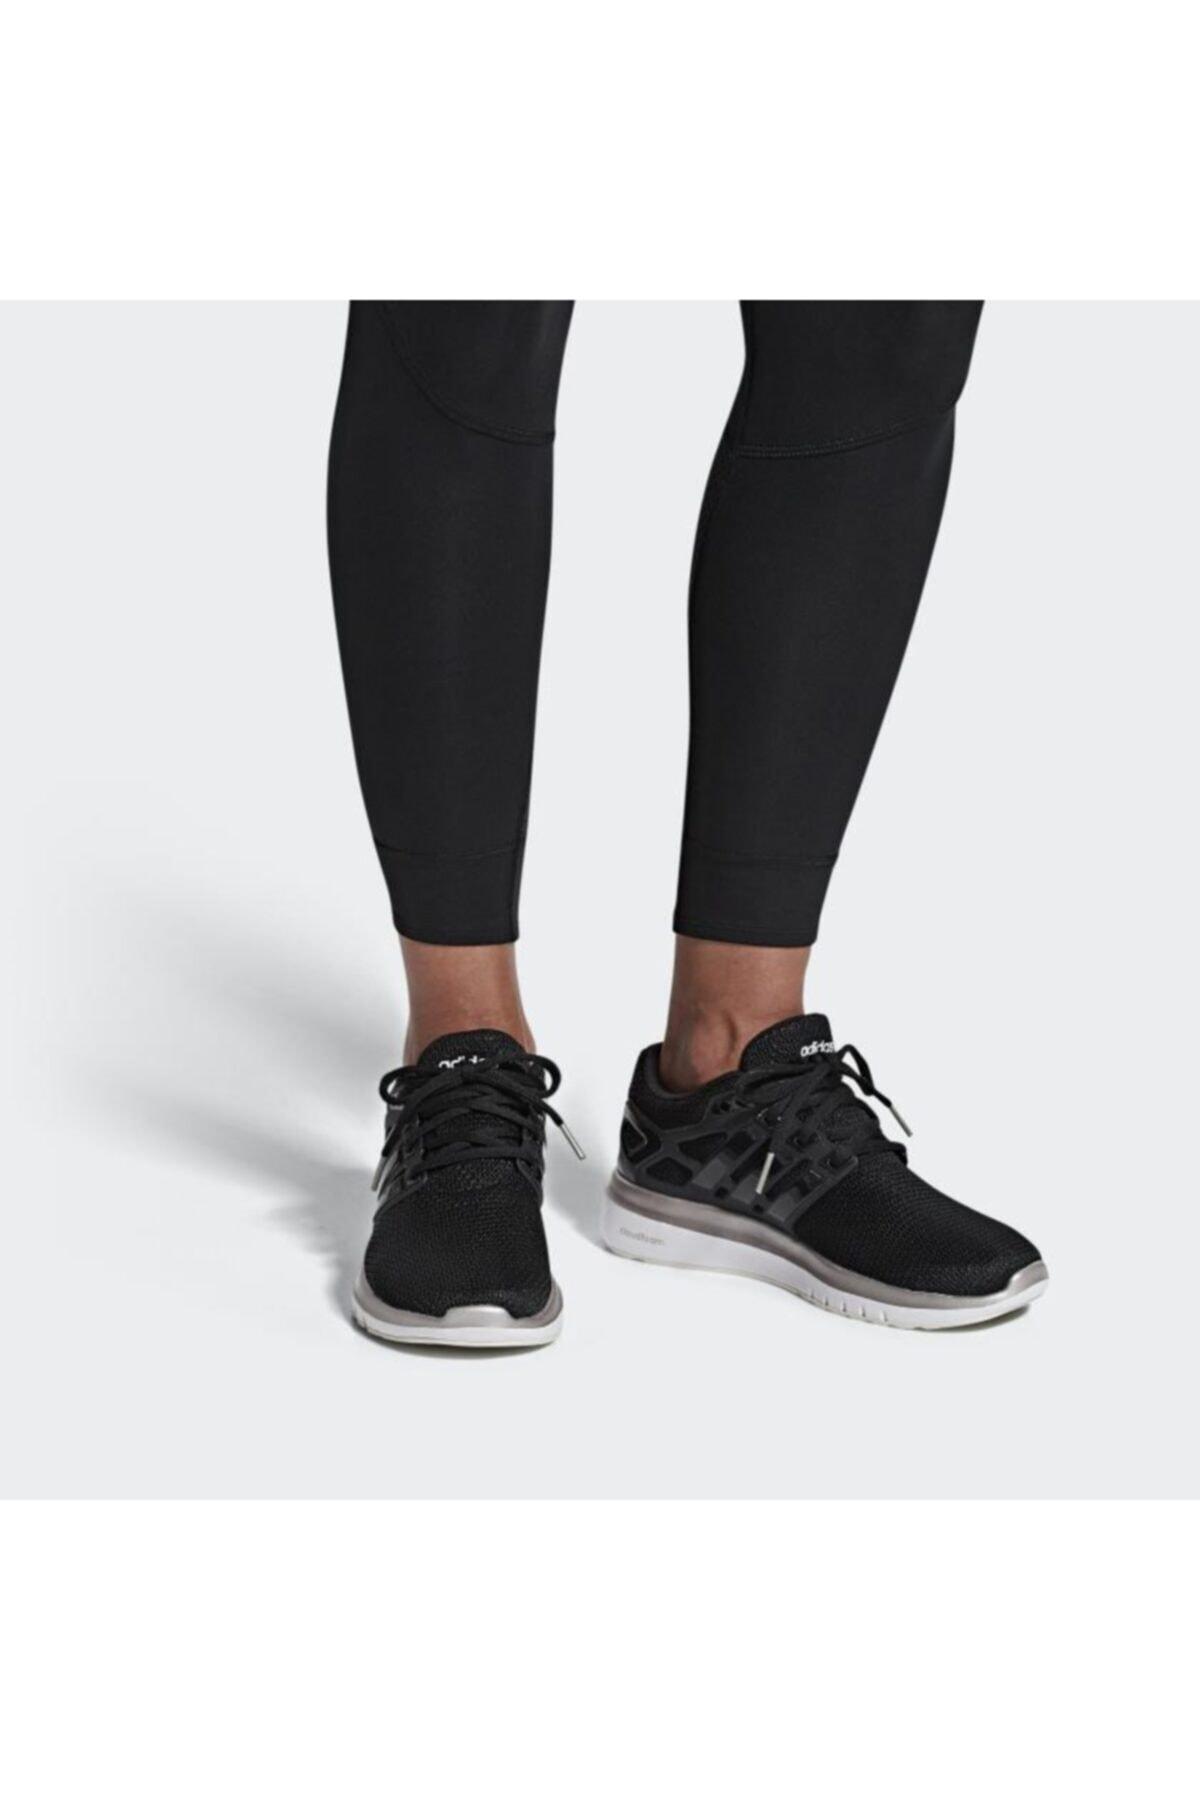 adidas Kadın Koşu - Yürüyüş Ayakkabı F35051 Energy Cloud V 2